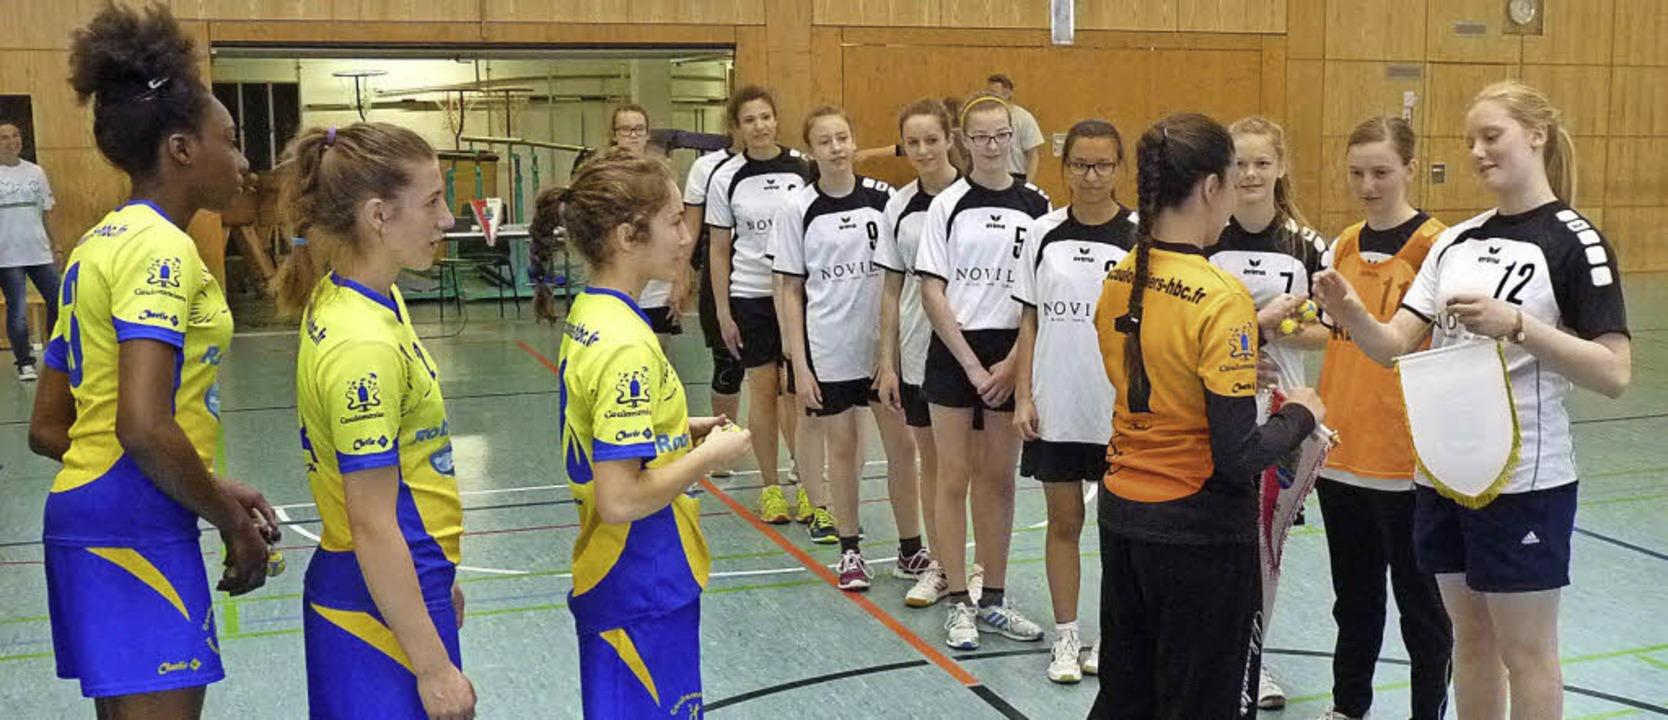 Wimpeltausch vor dem Anpfiff der Handballmädchen aus Neustadt und Coulommiers.   | Foto: Privat